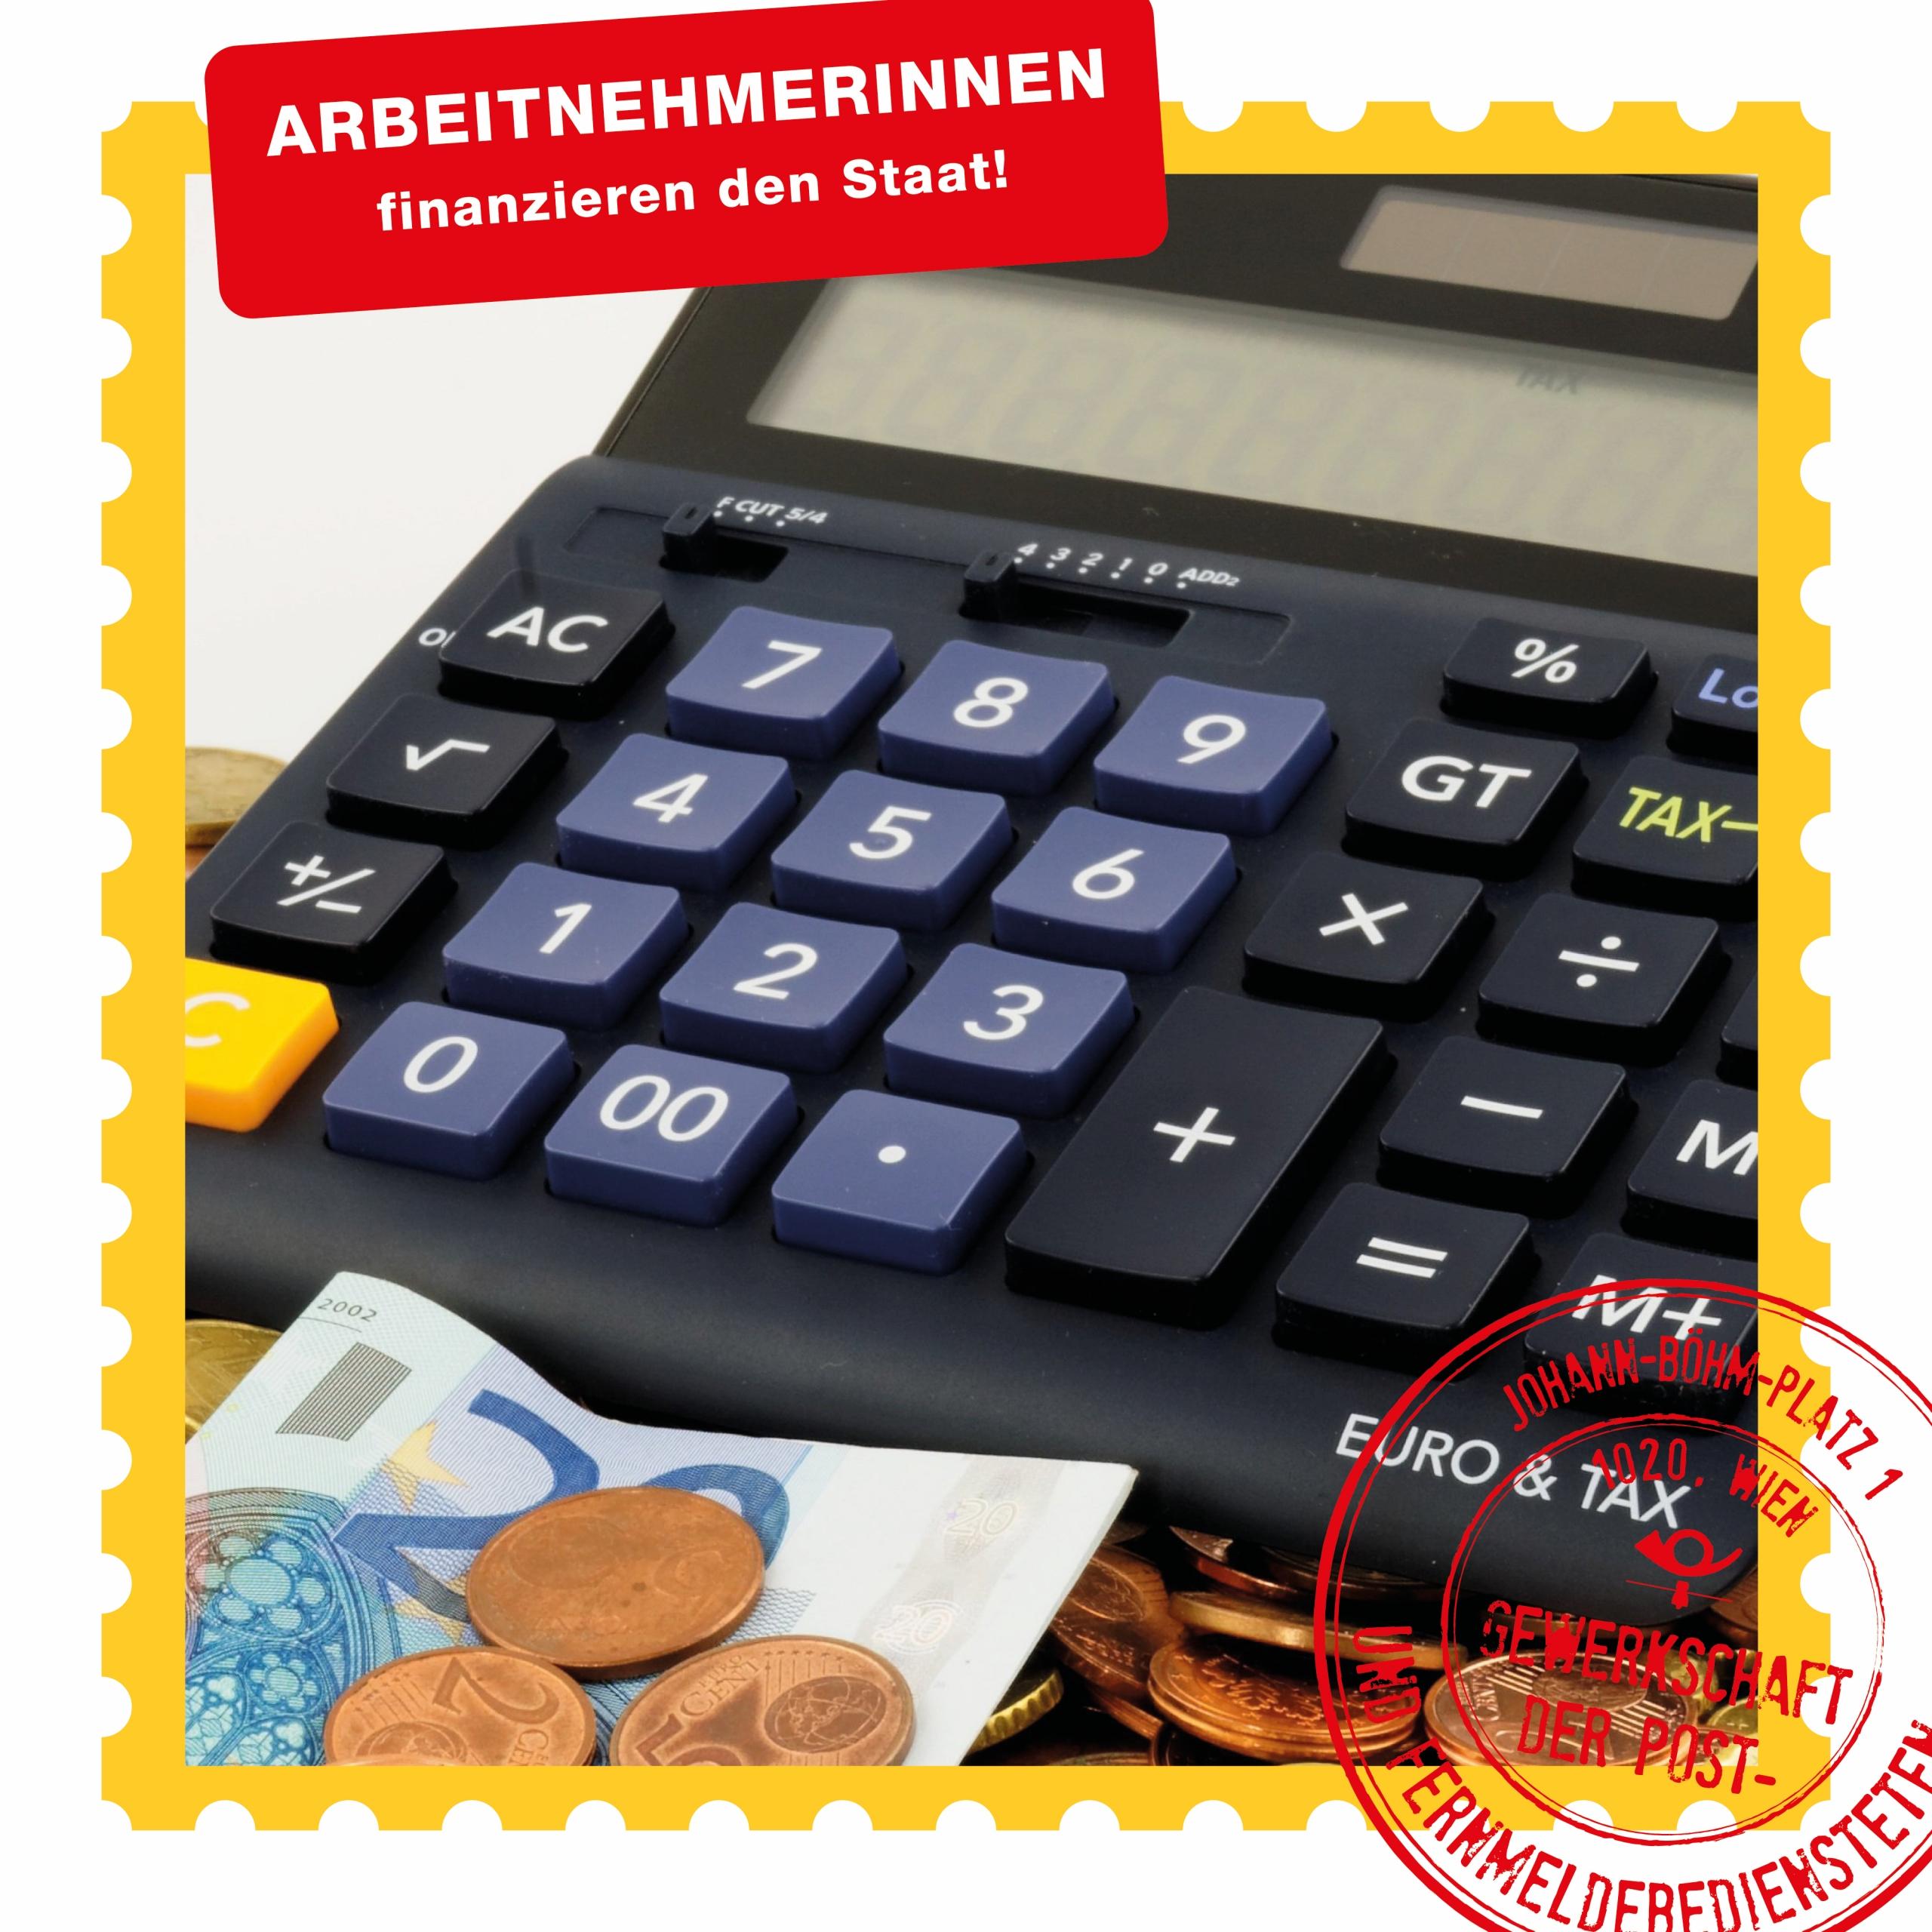 ArbeitnehmerInnen finanzieren den Staat _Beitragsbild